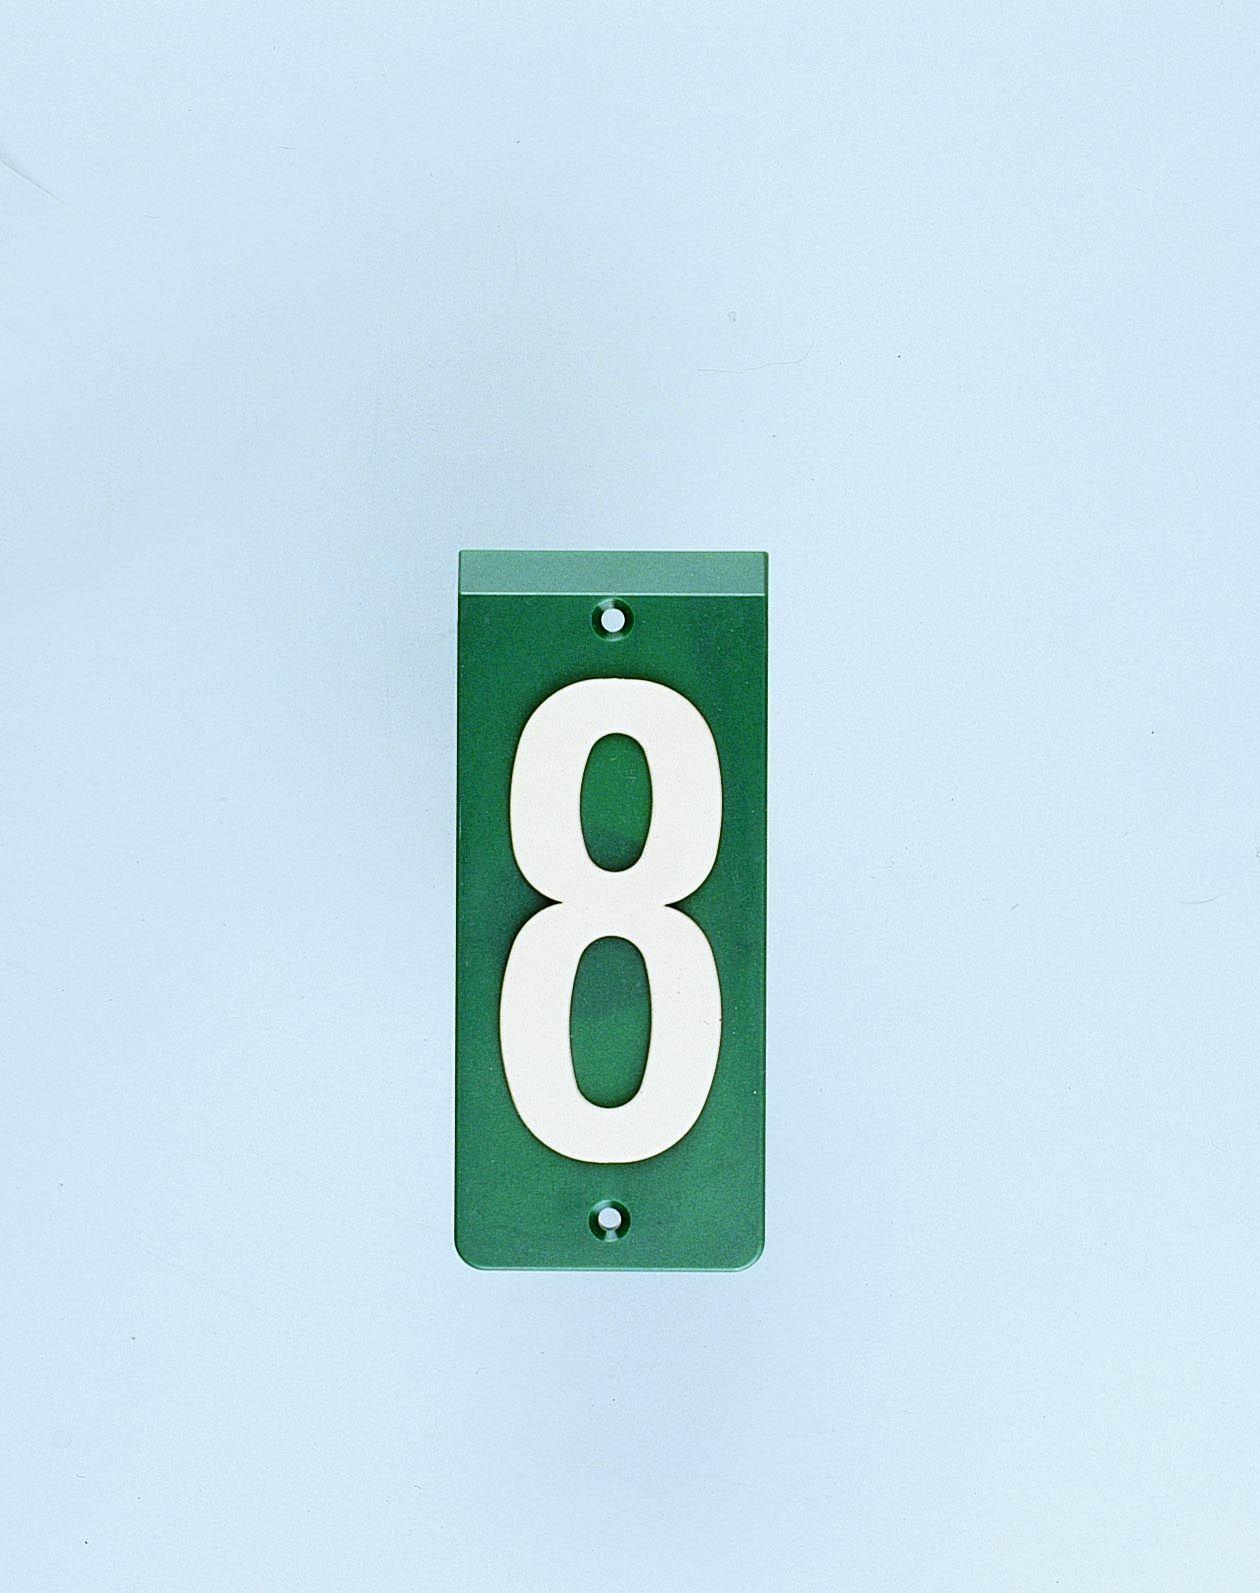 panneaux signalisation signaletique panneau. Black Bedroom Furniture Sets. Home Design Ideas